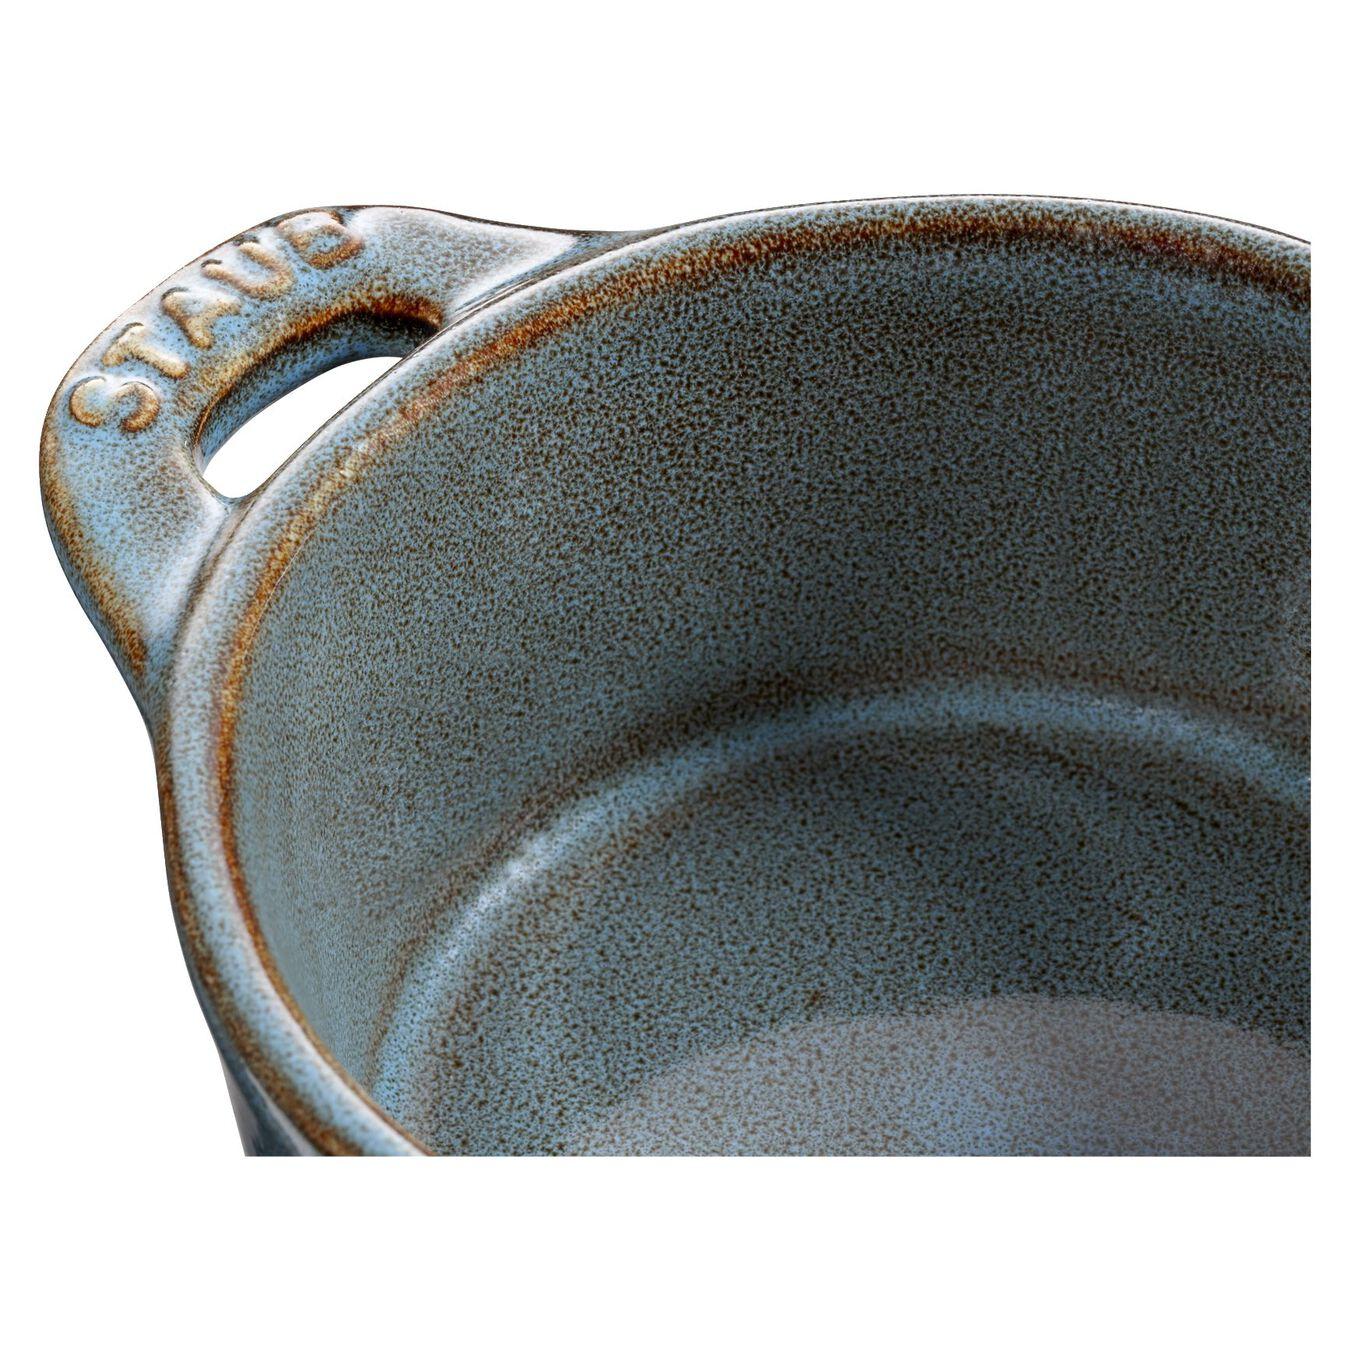 Mini seramik kap | Seramik | 10 cm,,large 5